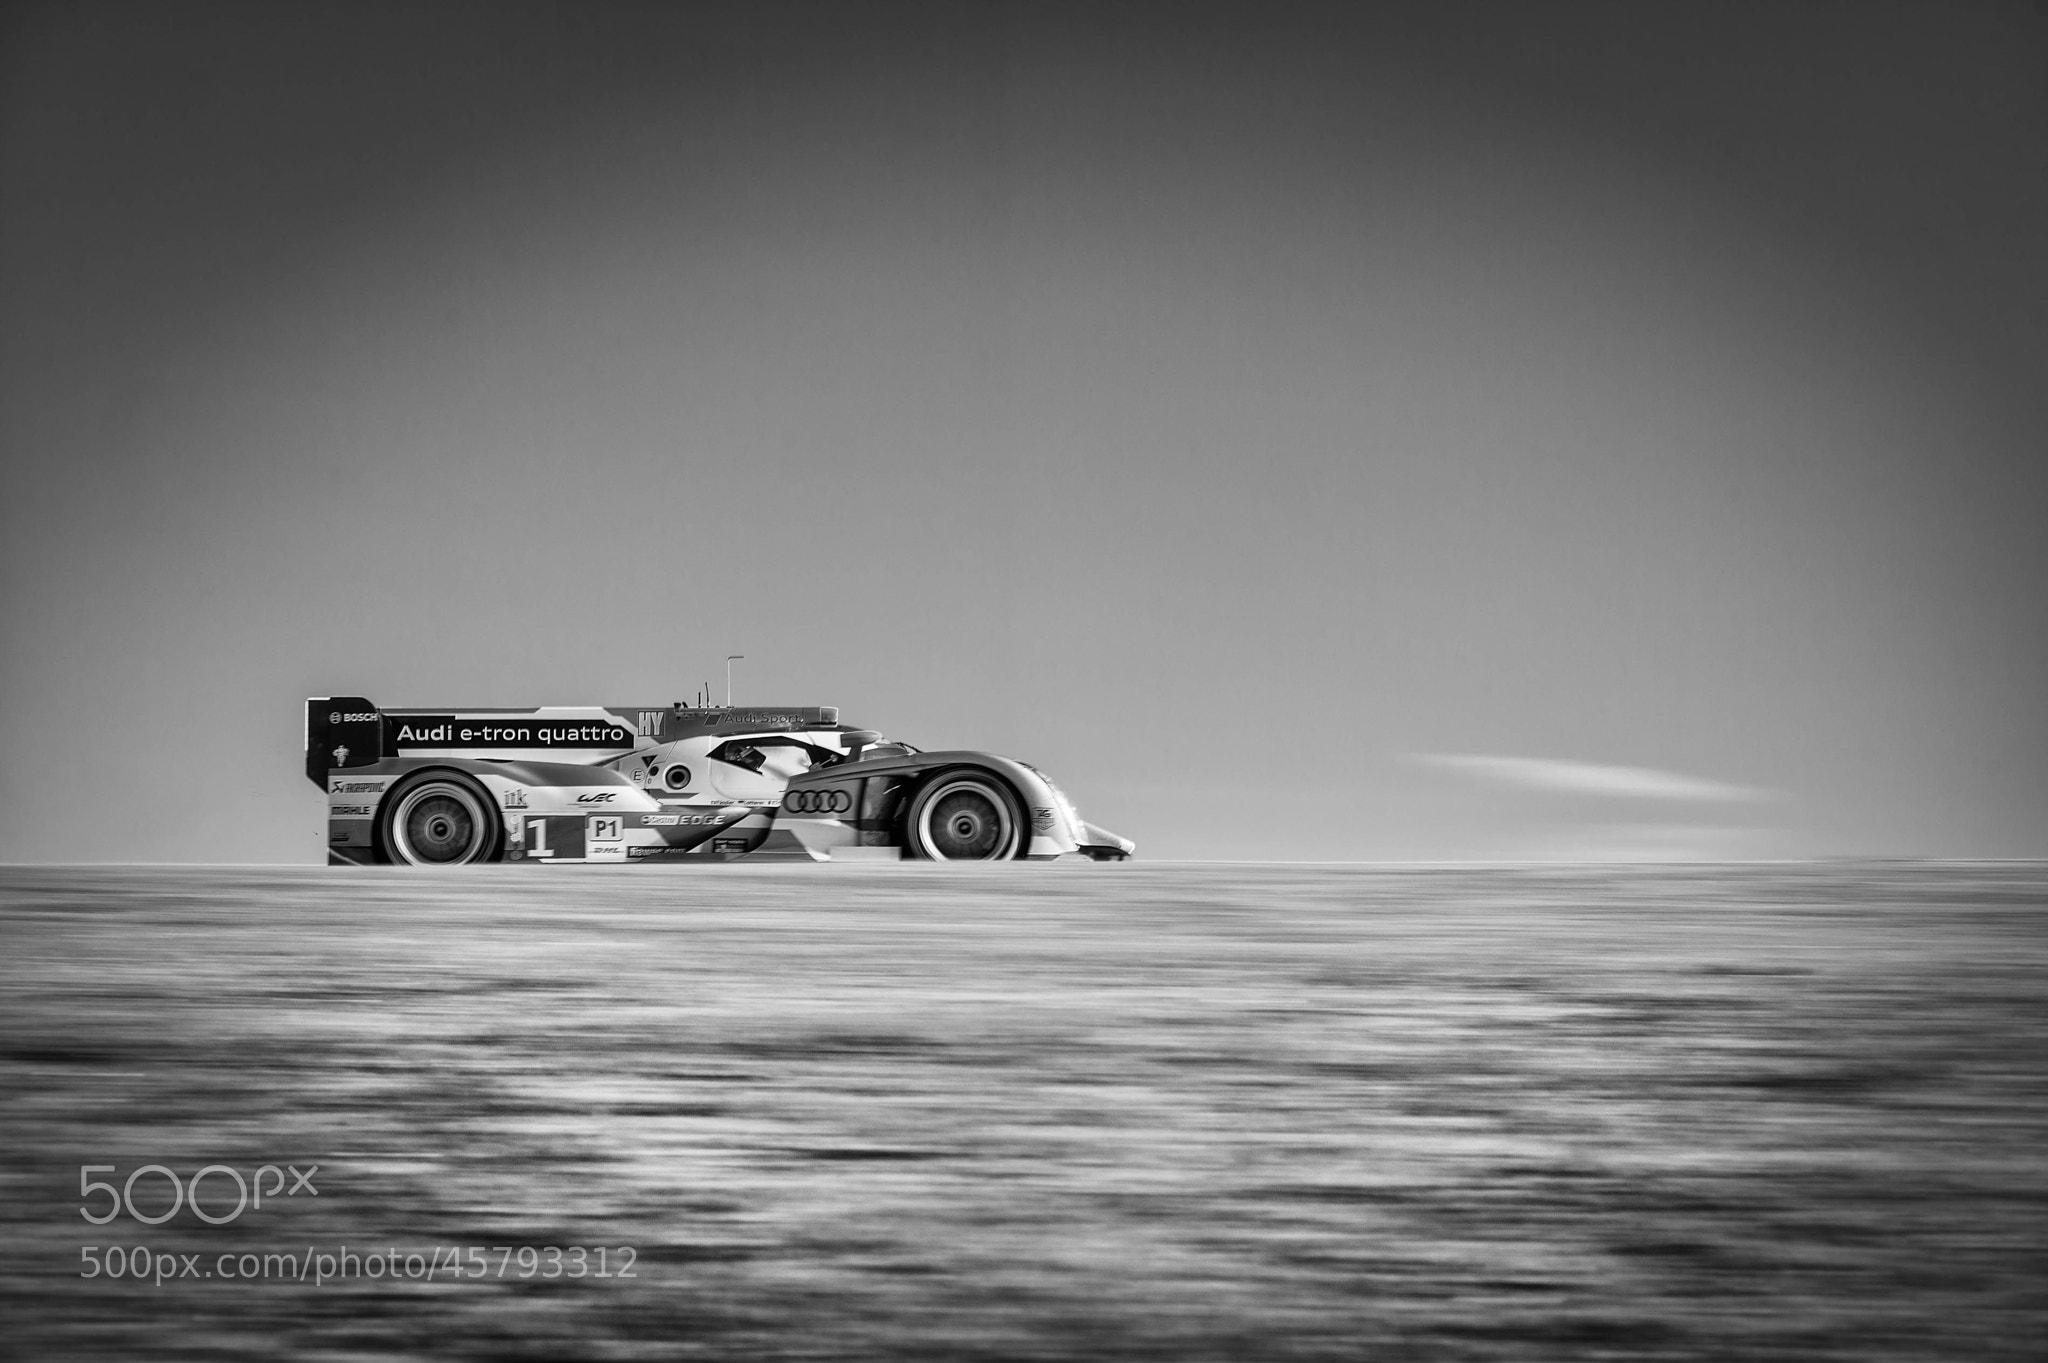 Photograph Audi e-Tron Quattro - LeMans 6h of sp by Victor Eleutério on 500px